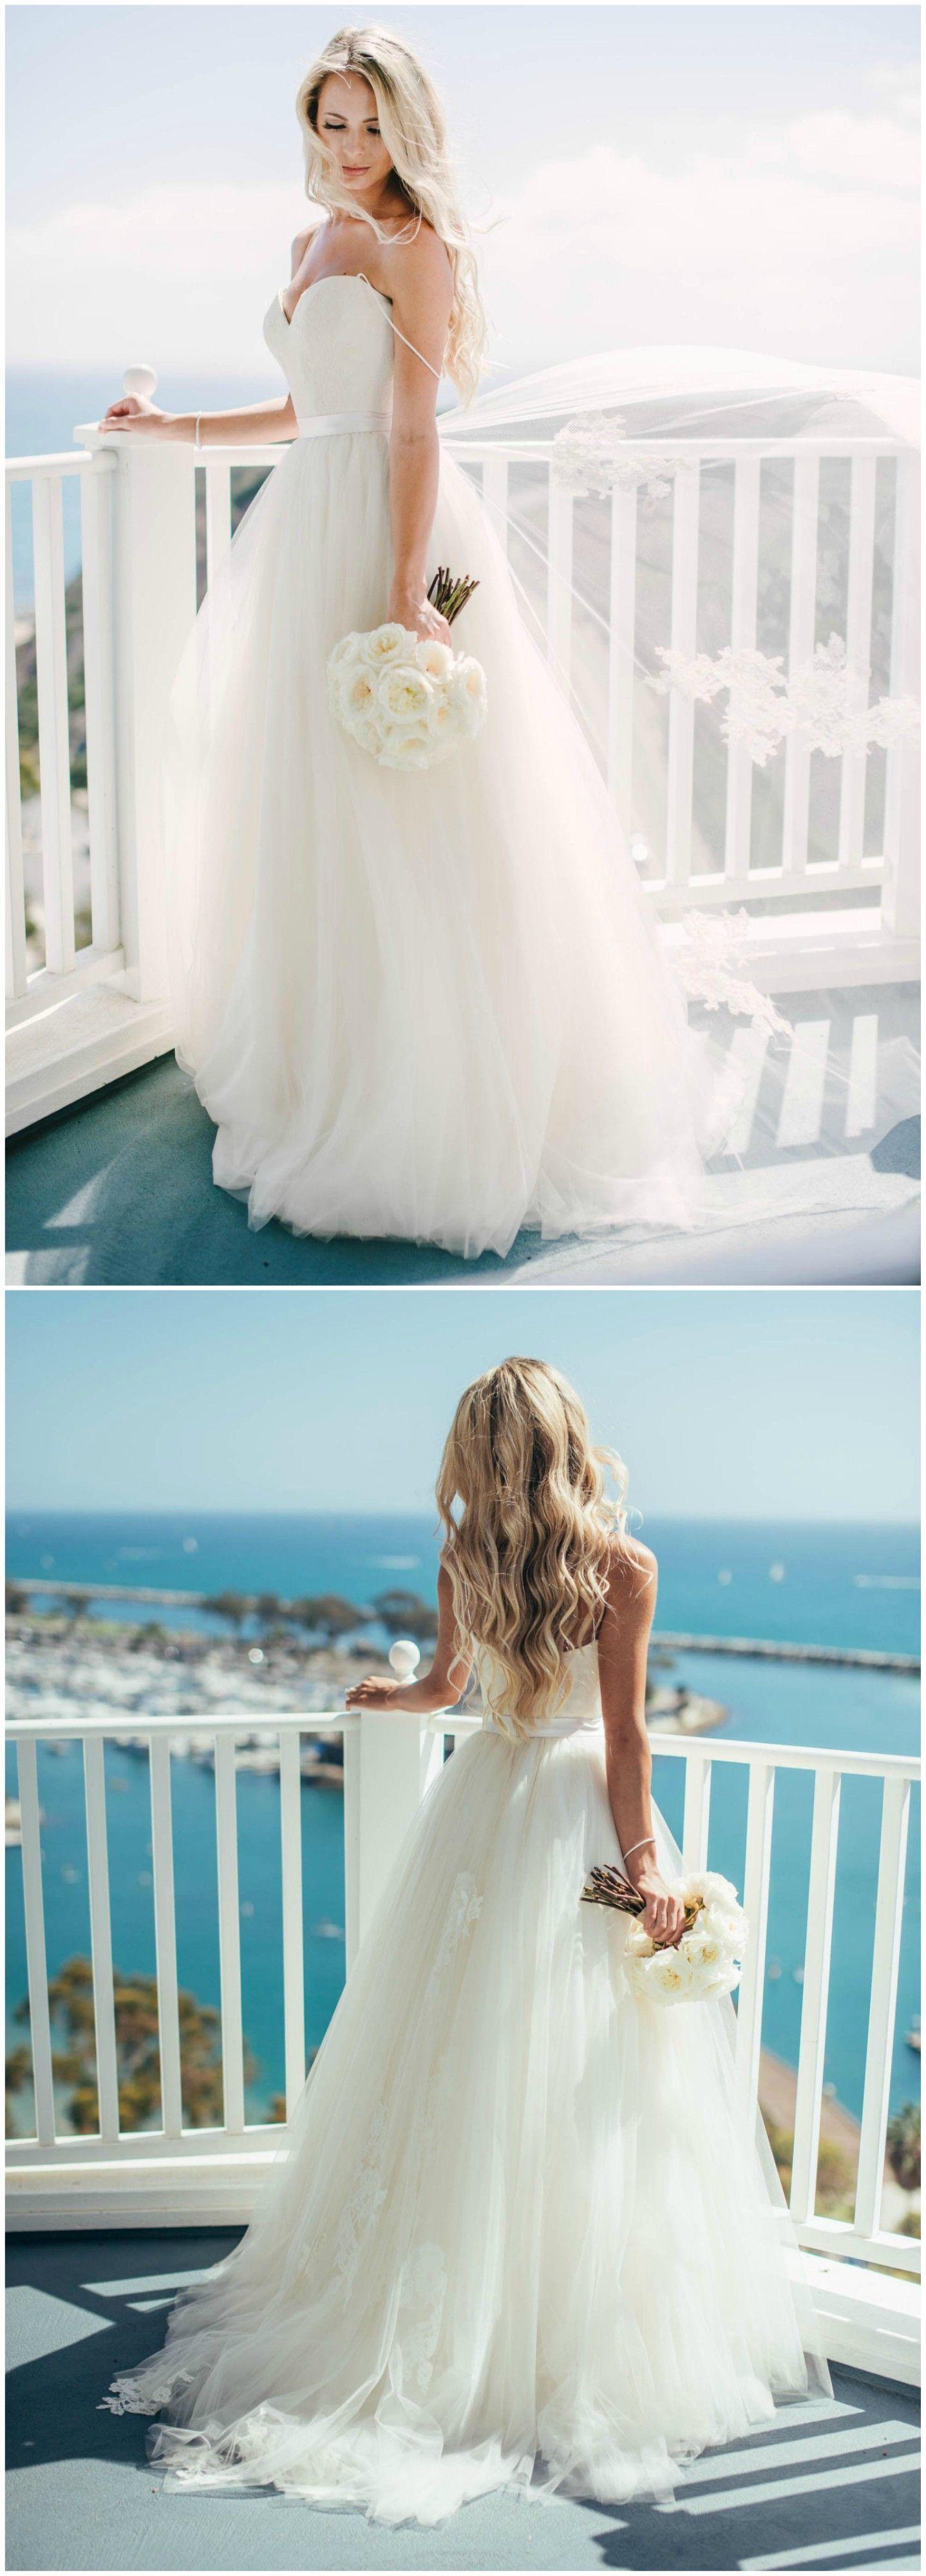 Strapless wedding dress silk belt tulle skirt california bride